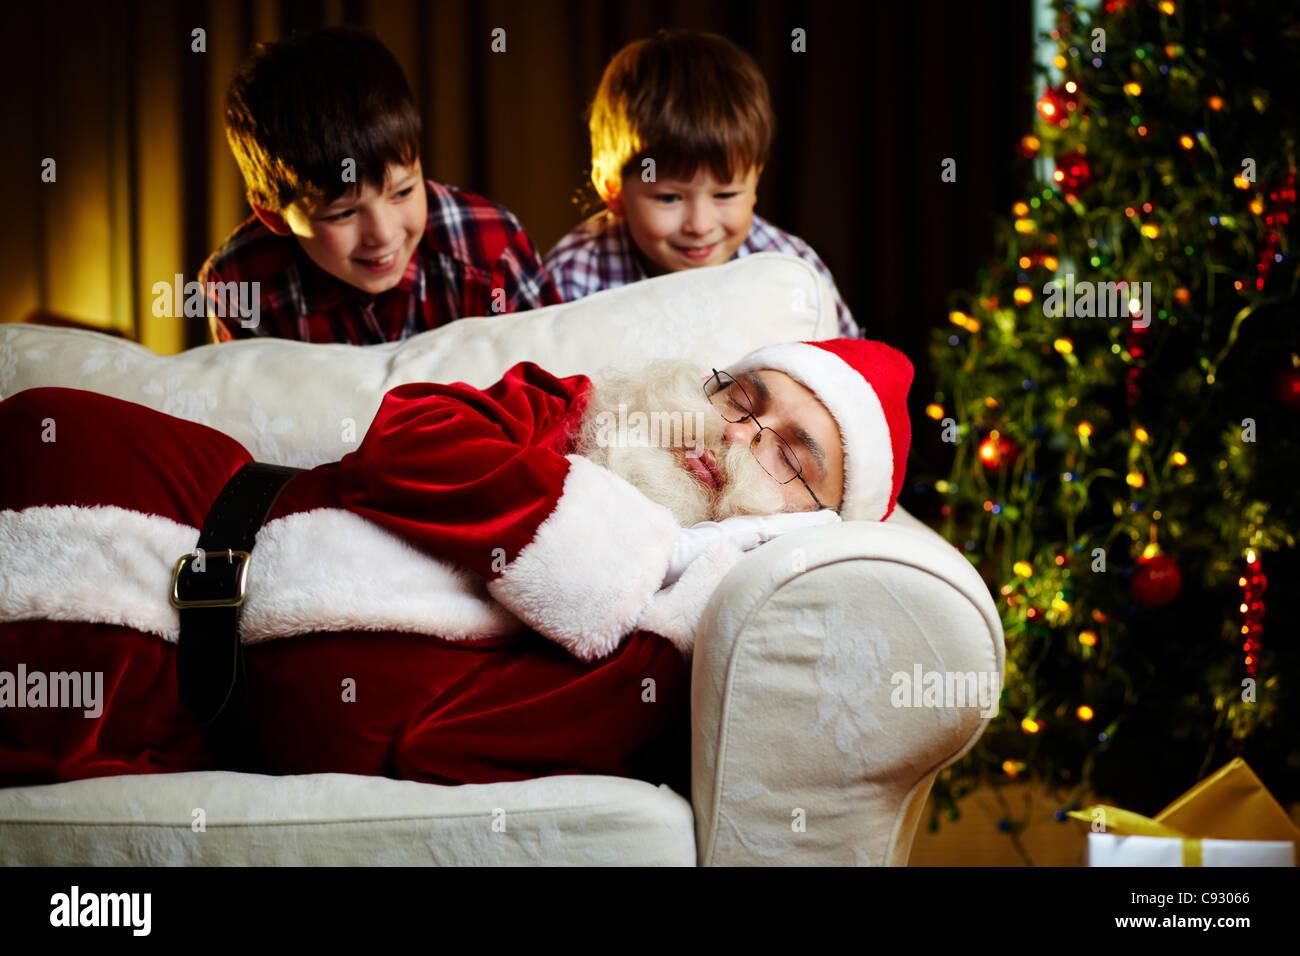 Videochiamata Babbo Natale.Babbo Natale Che Dorme Ipasvialessandria